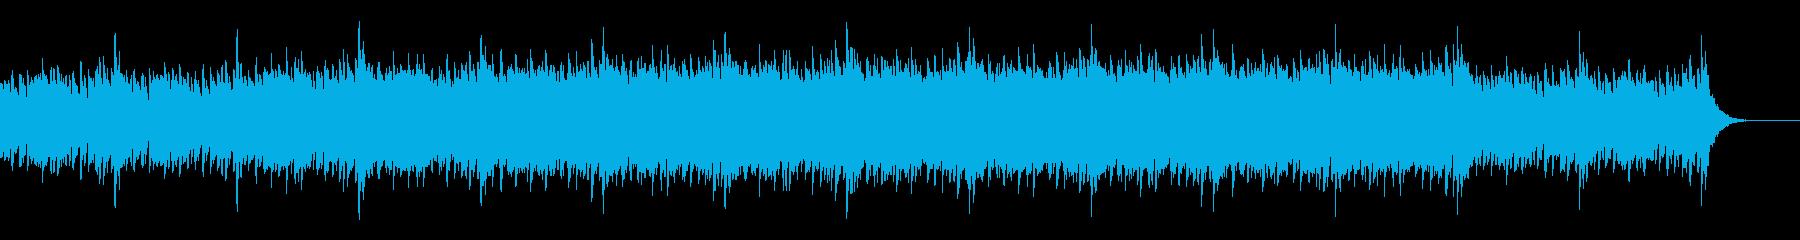 アンビエント、バラード、ヒーリングの再生済みの波形